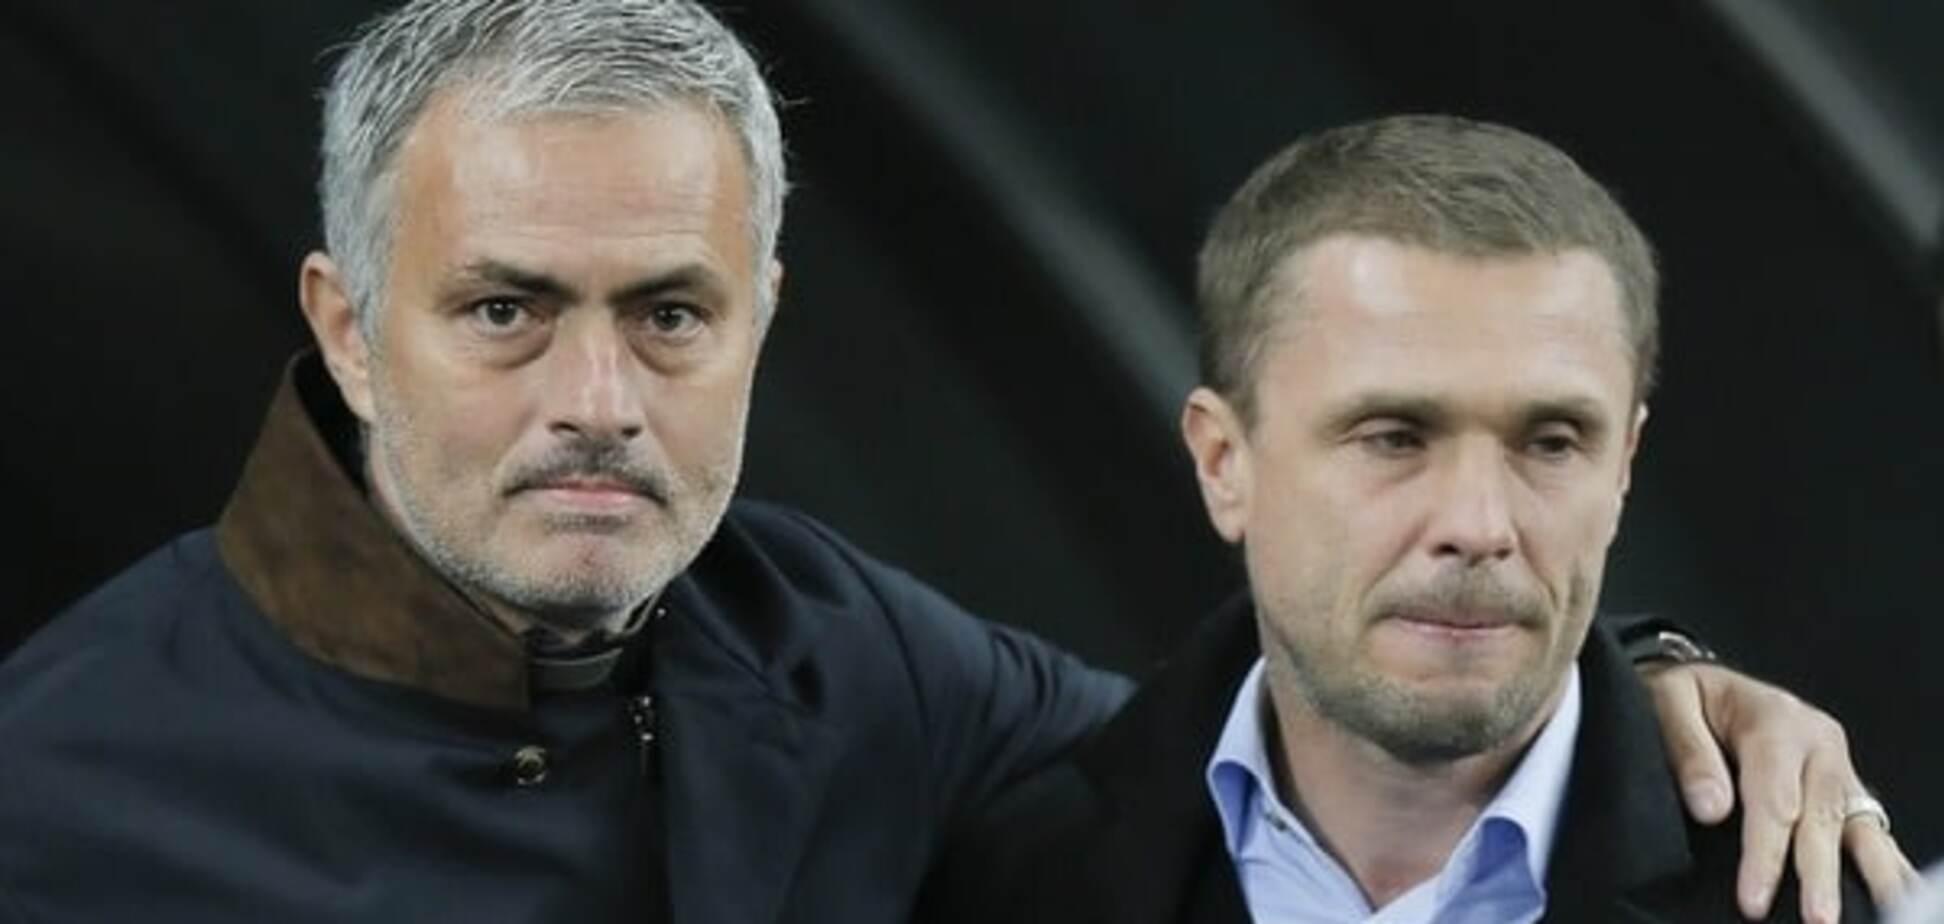 Ребров обошел Моуриньо в рейтинге лучших тренеров мира